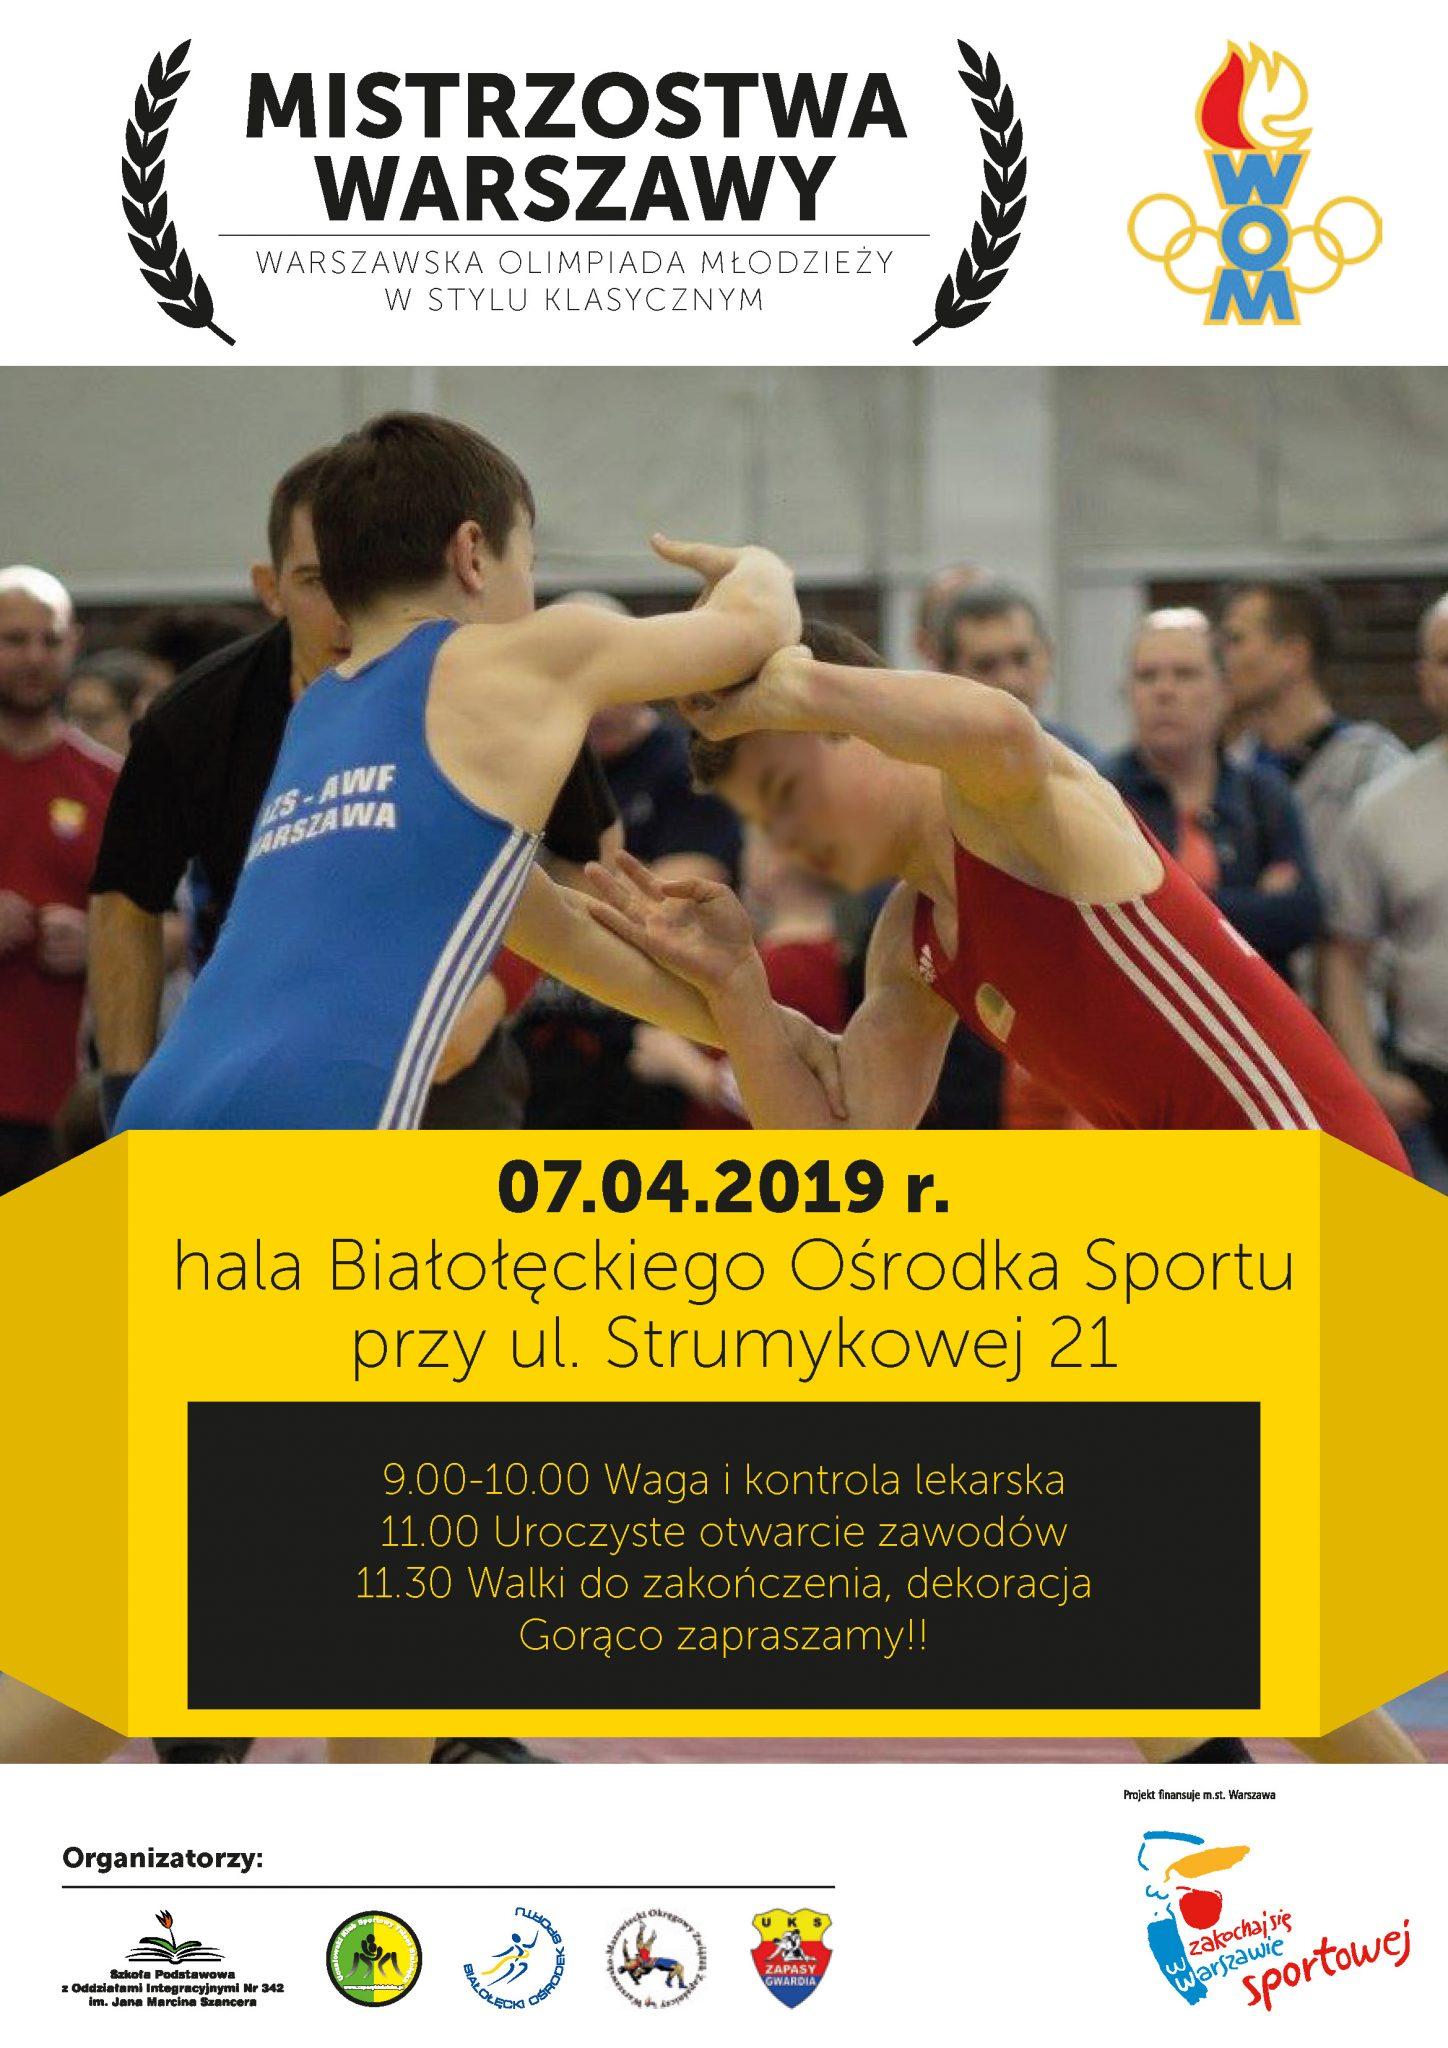 Warszawska Olimpiada Młodzieży w stylu klasycznym!! Serdecznie zapraszamy!!!